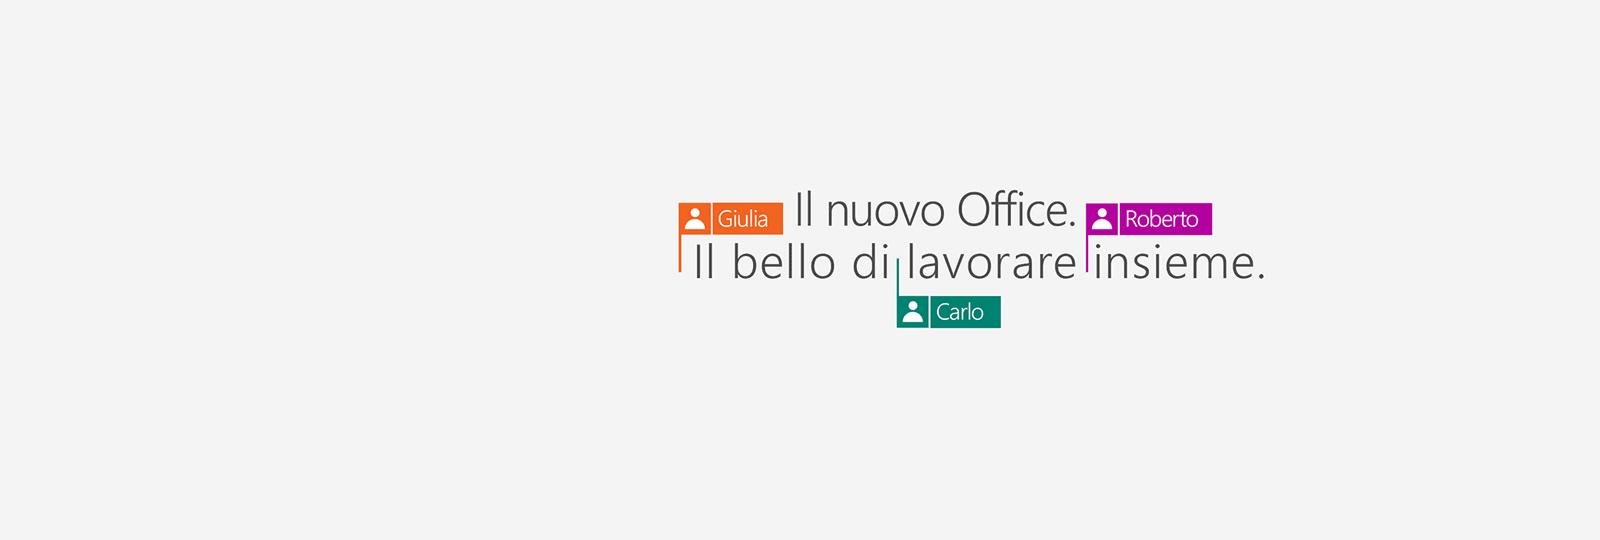 Acquista Office 365 e scarica le nuove app 2016.